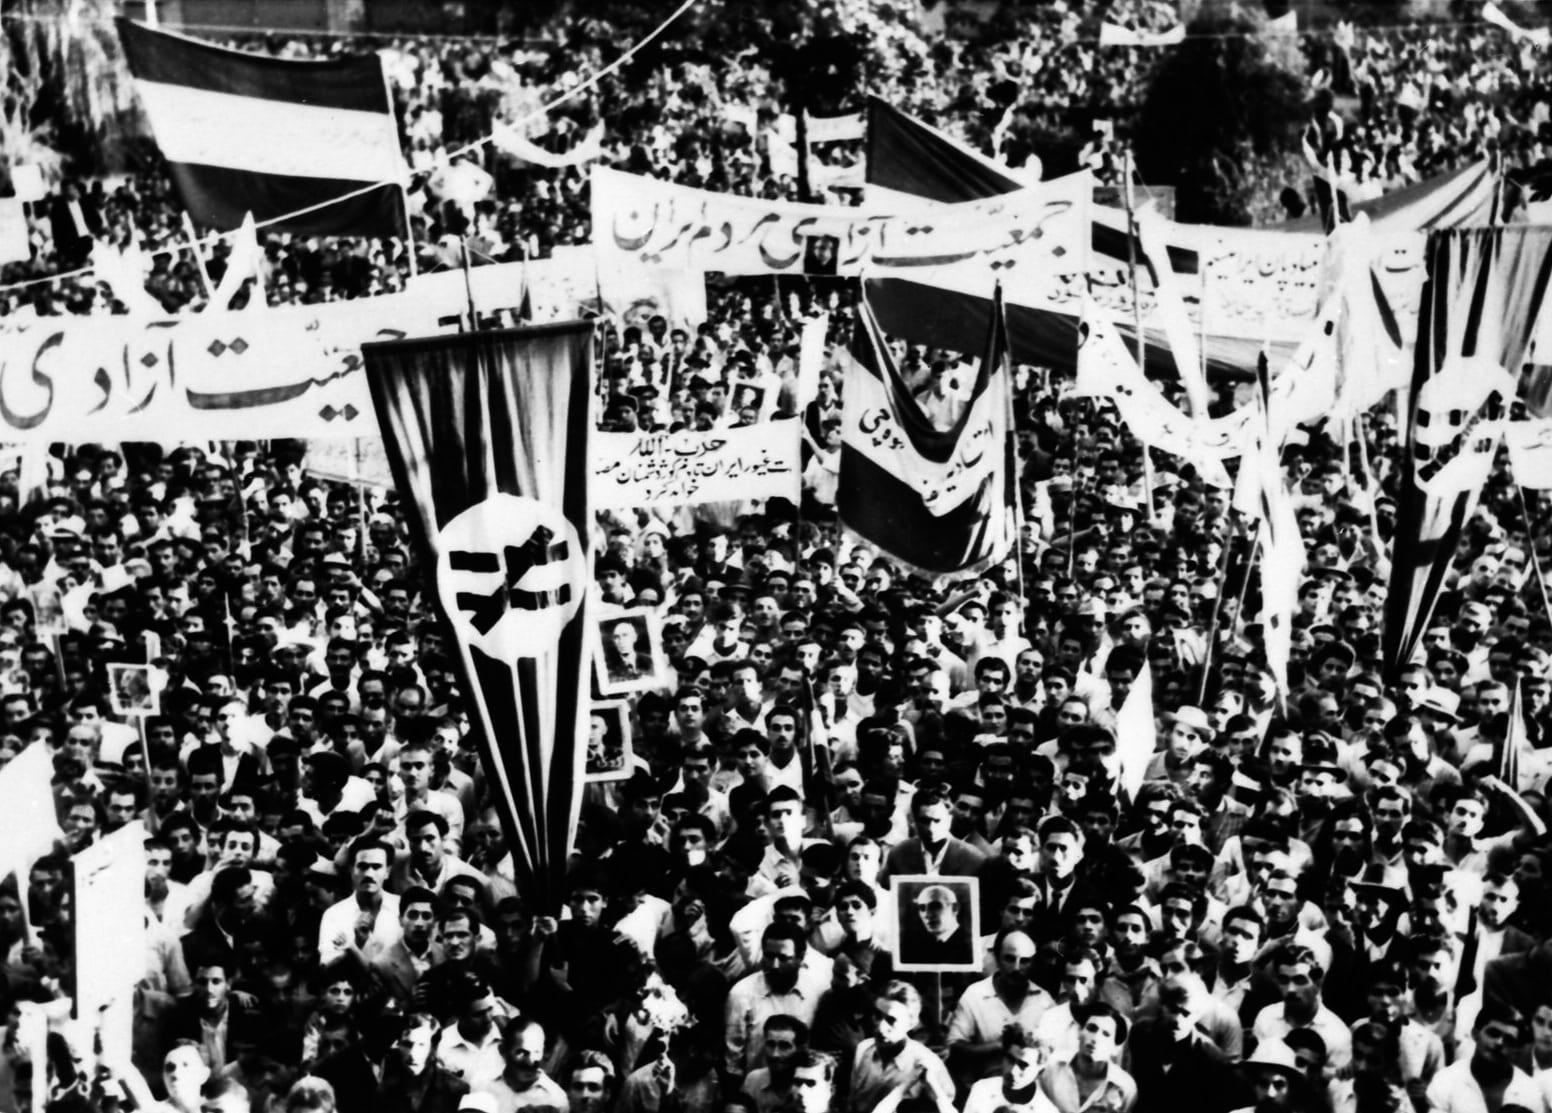 1953_Iranian_coup_d'état_-_Tehran_rally.jpg